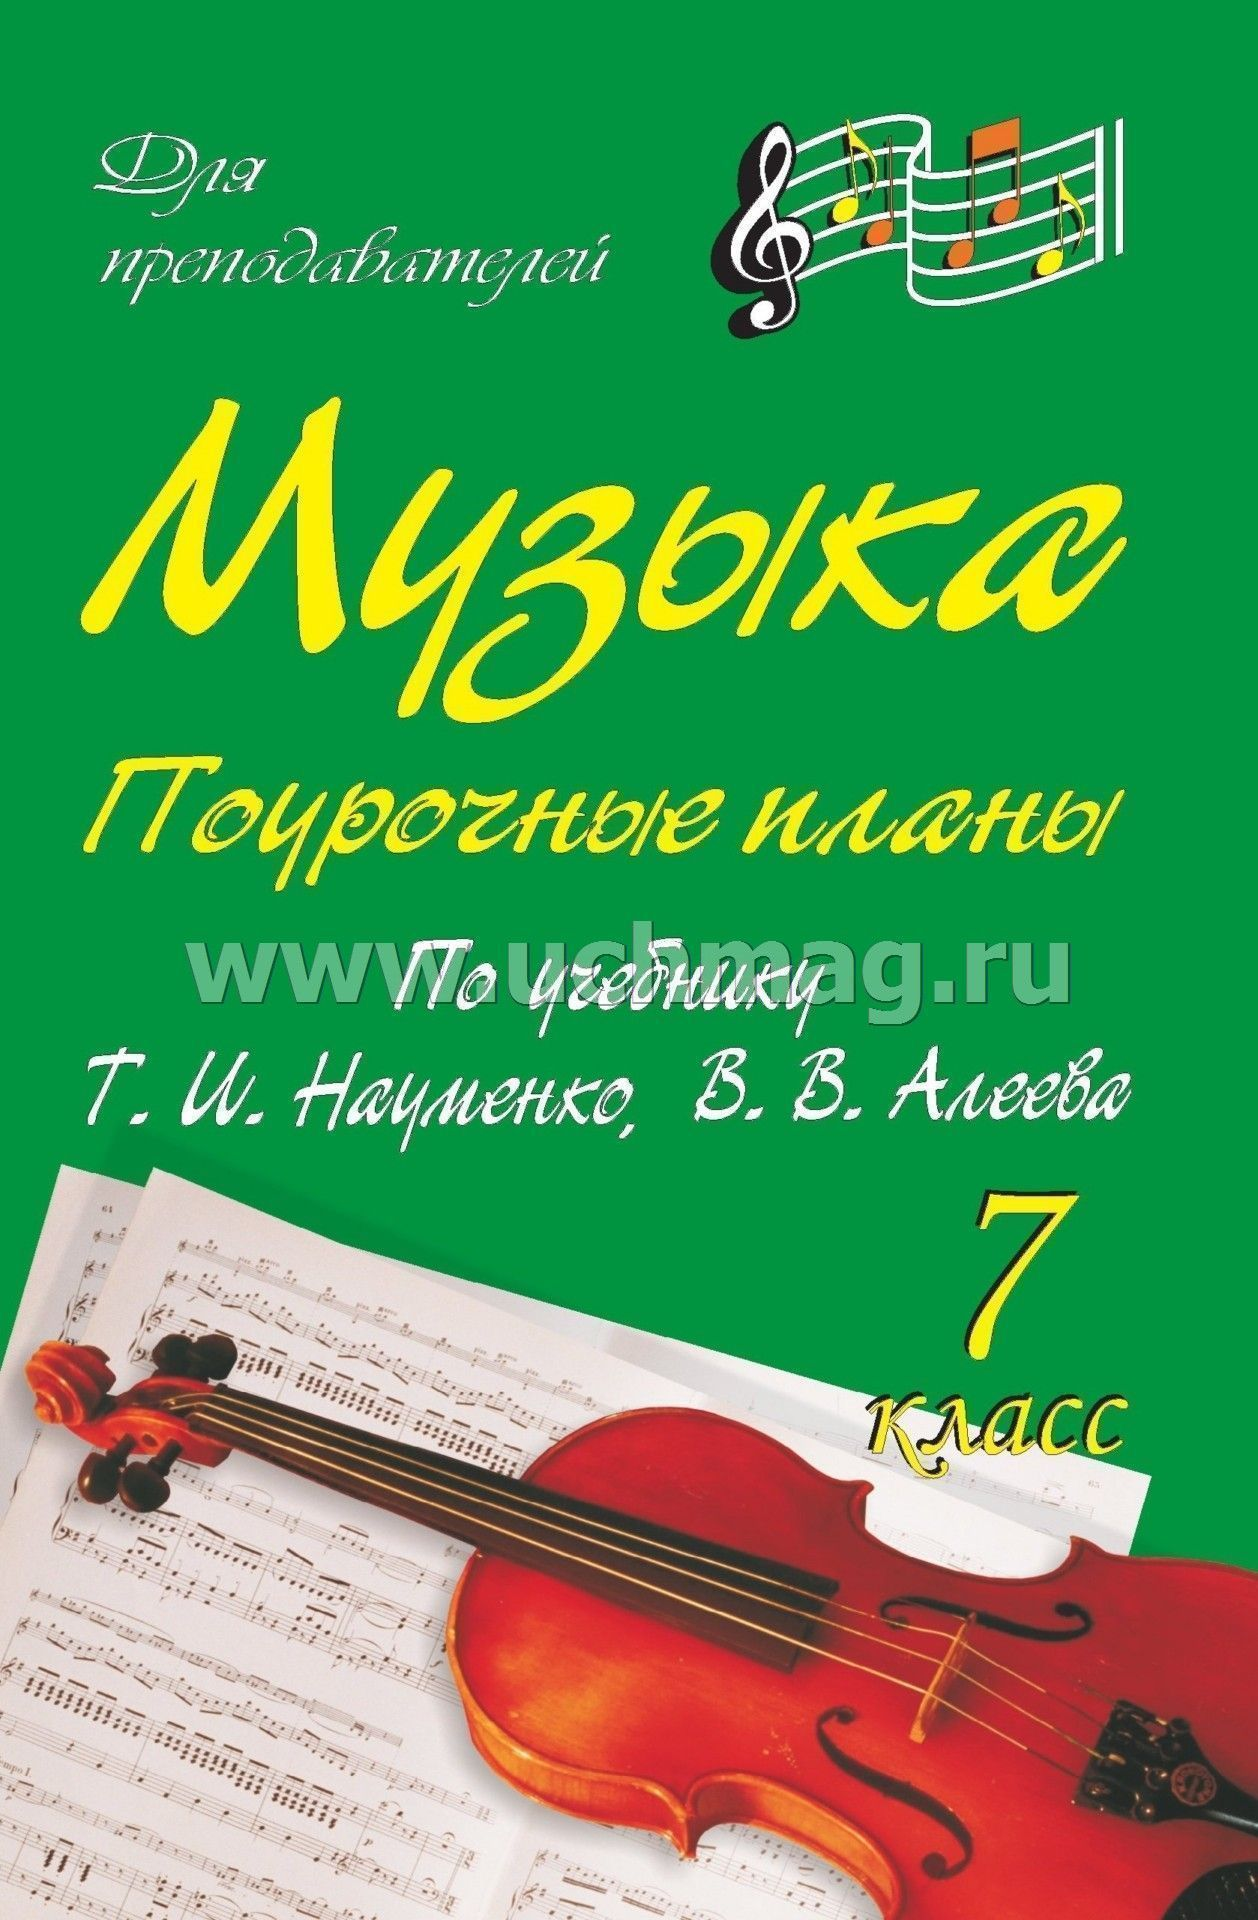 Конспекты по музыке 7 класс